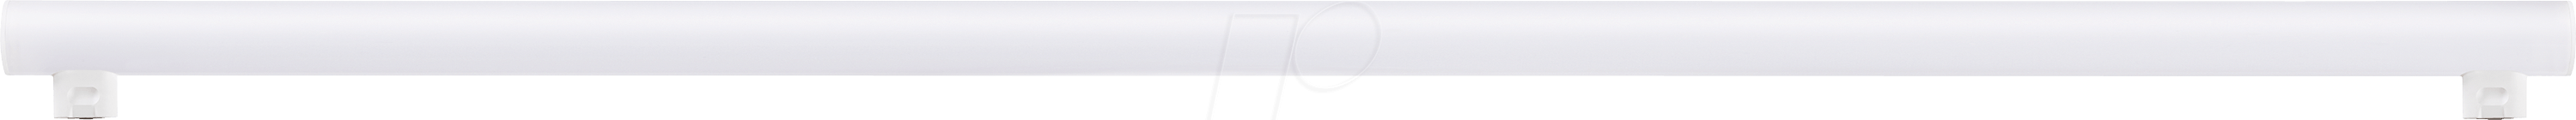 GL 3862 - LED-Röhre, S14s, 18,5 W, 1250 lm, 270...